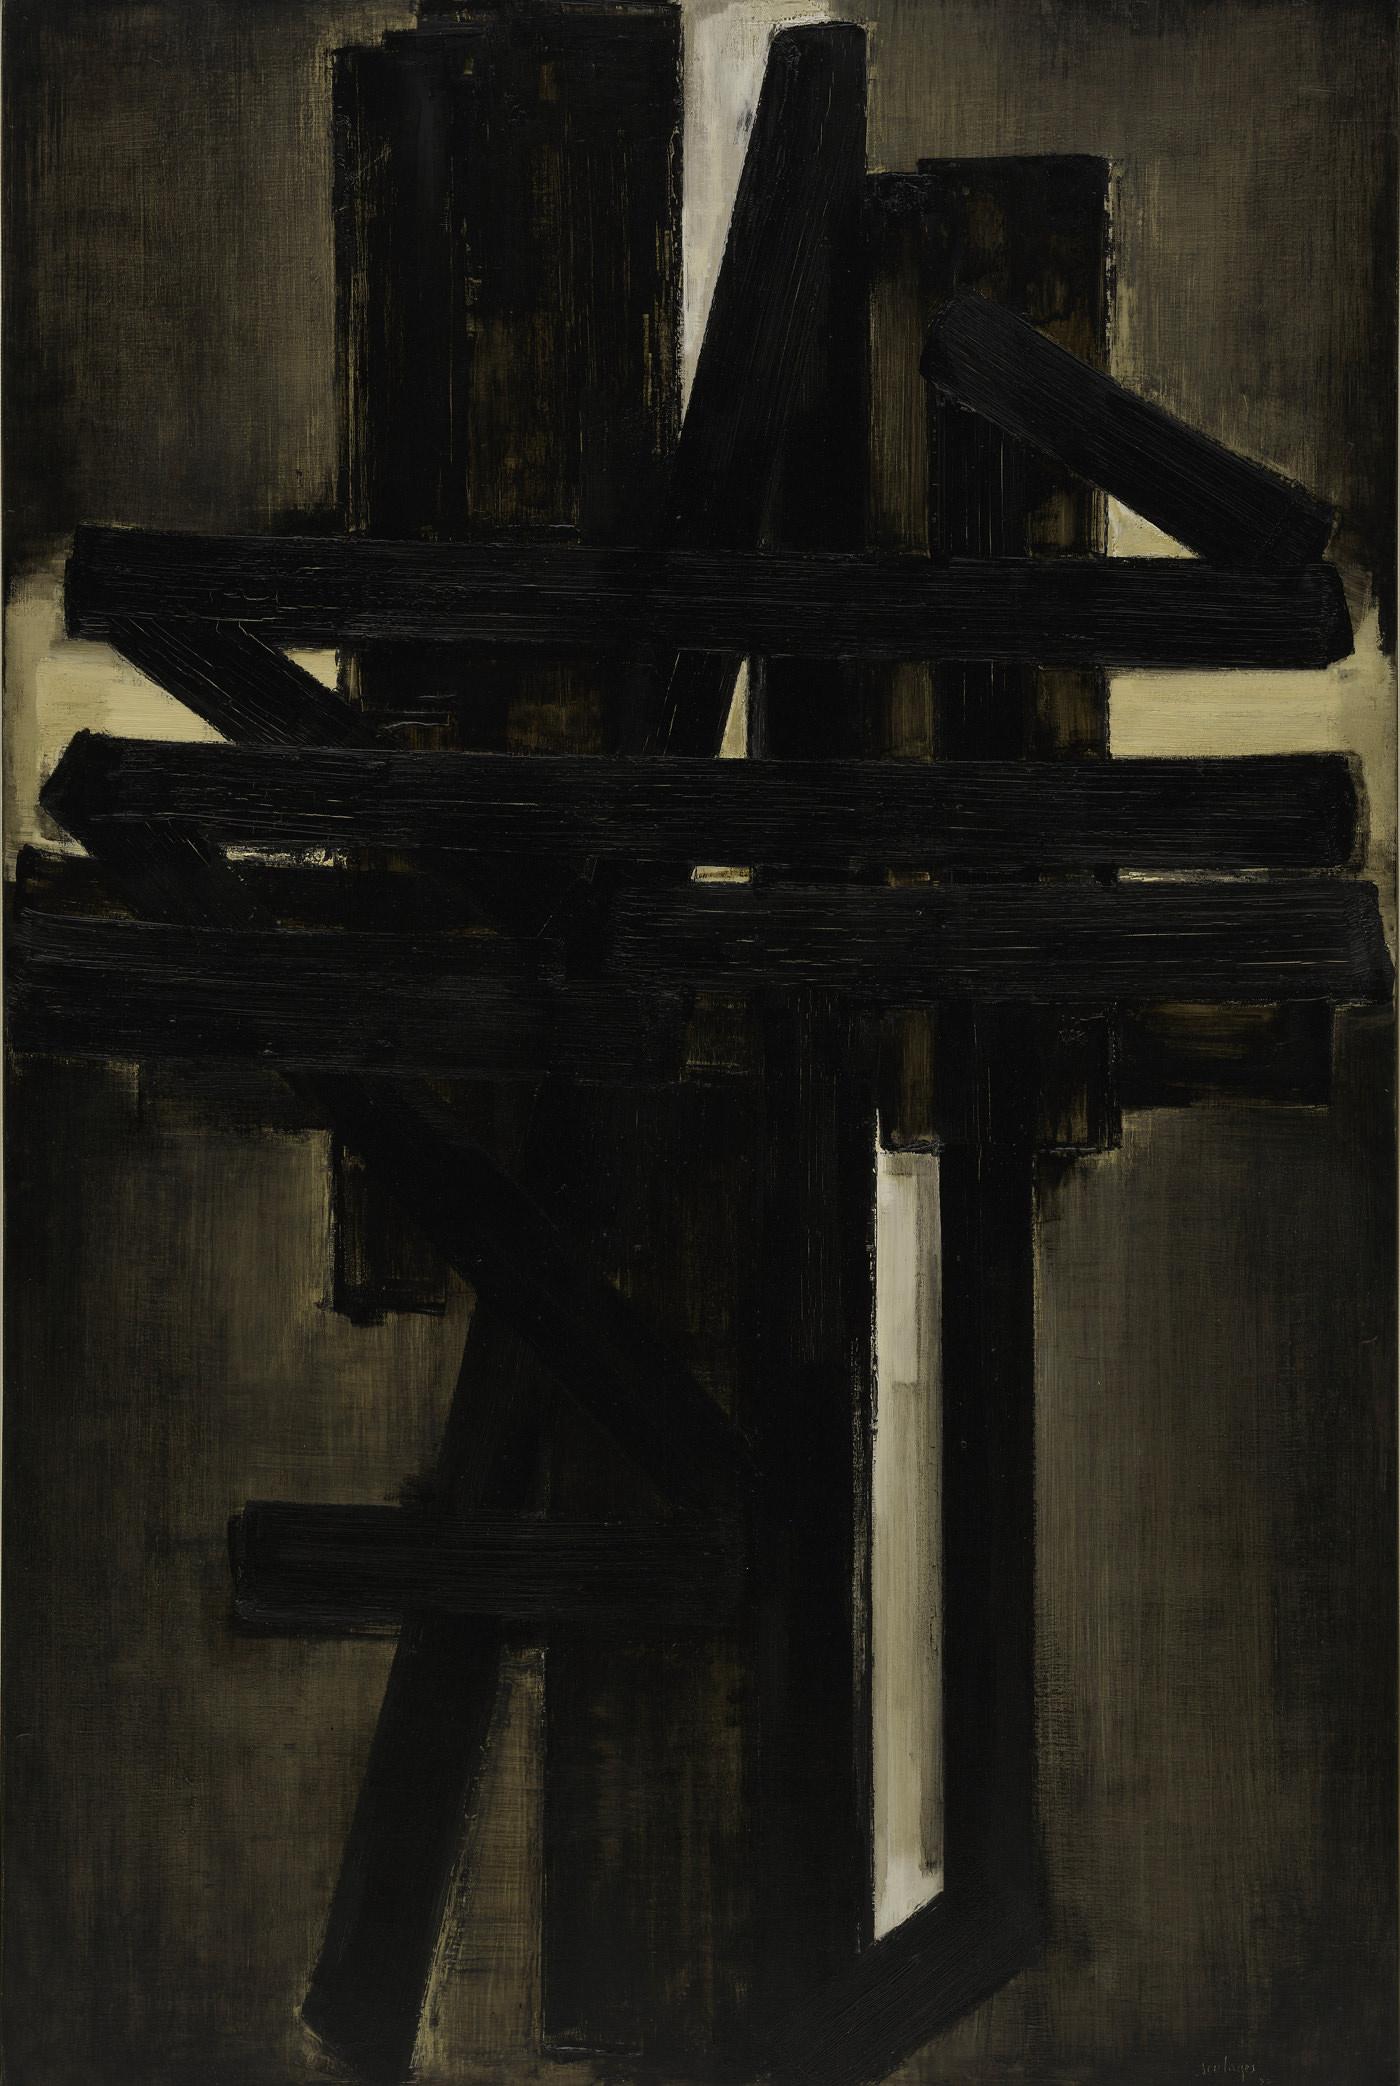 Pierre Soulages Peinture 195 x 130, Mai 1953